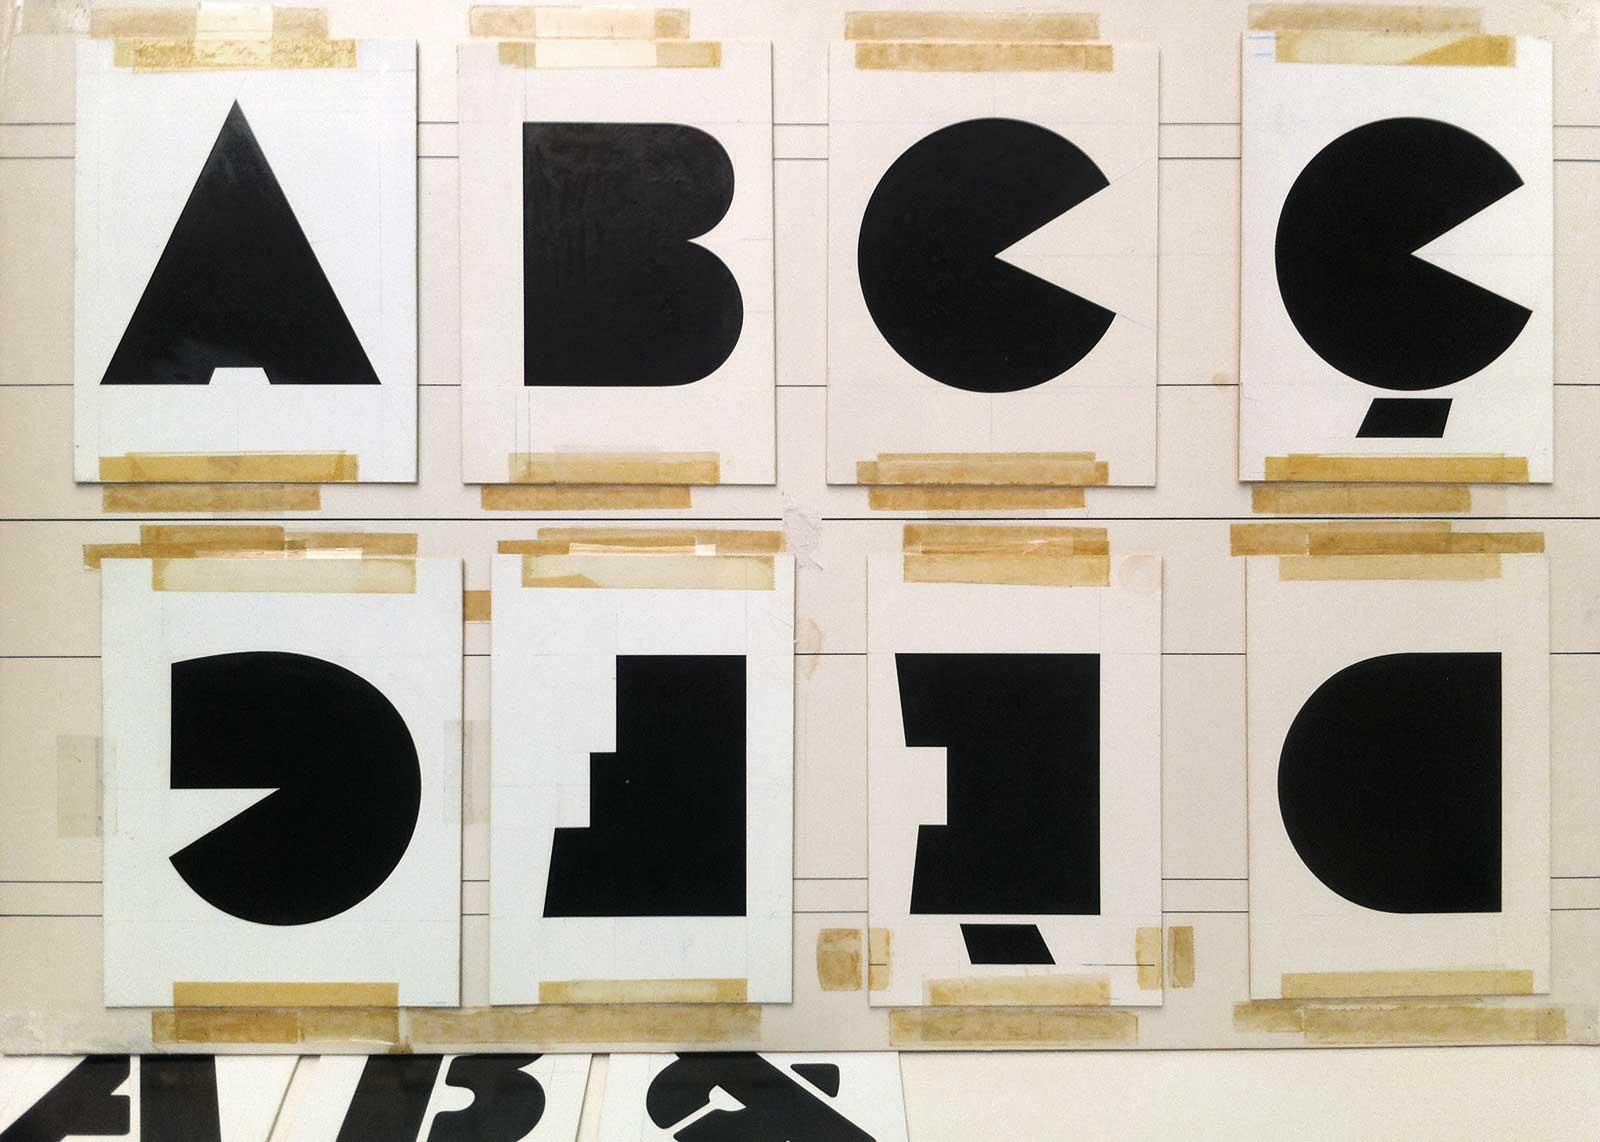 On découvre encore des archives ! Dessins originaux du caractère « Black Boton », encre sur carte à gratter (1970). Chez A. Boton, Vernon.